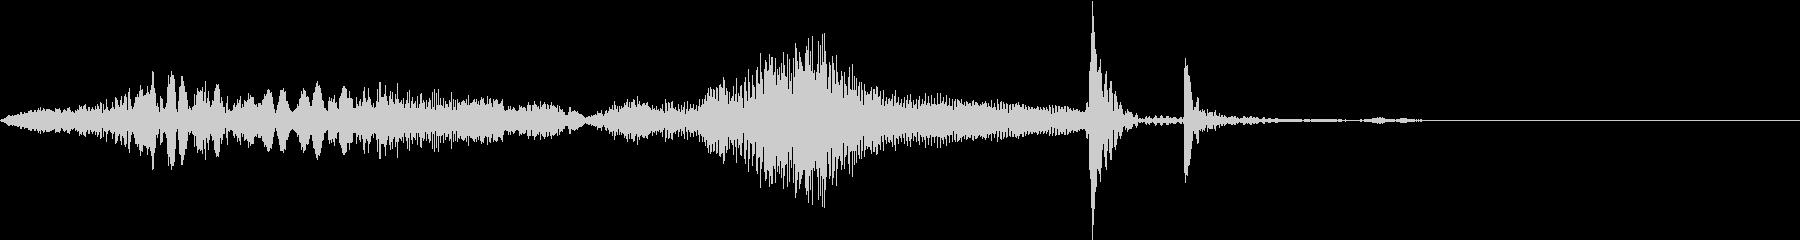 【物音】 ひきずる音_10 ギー ボコッの未再生の波形